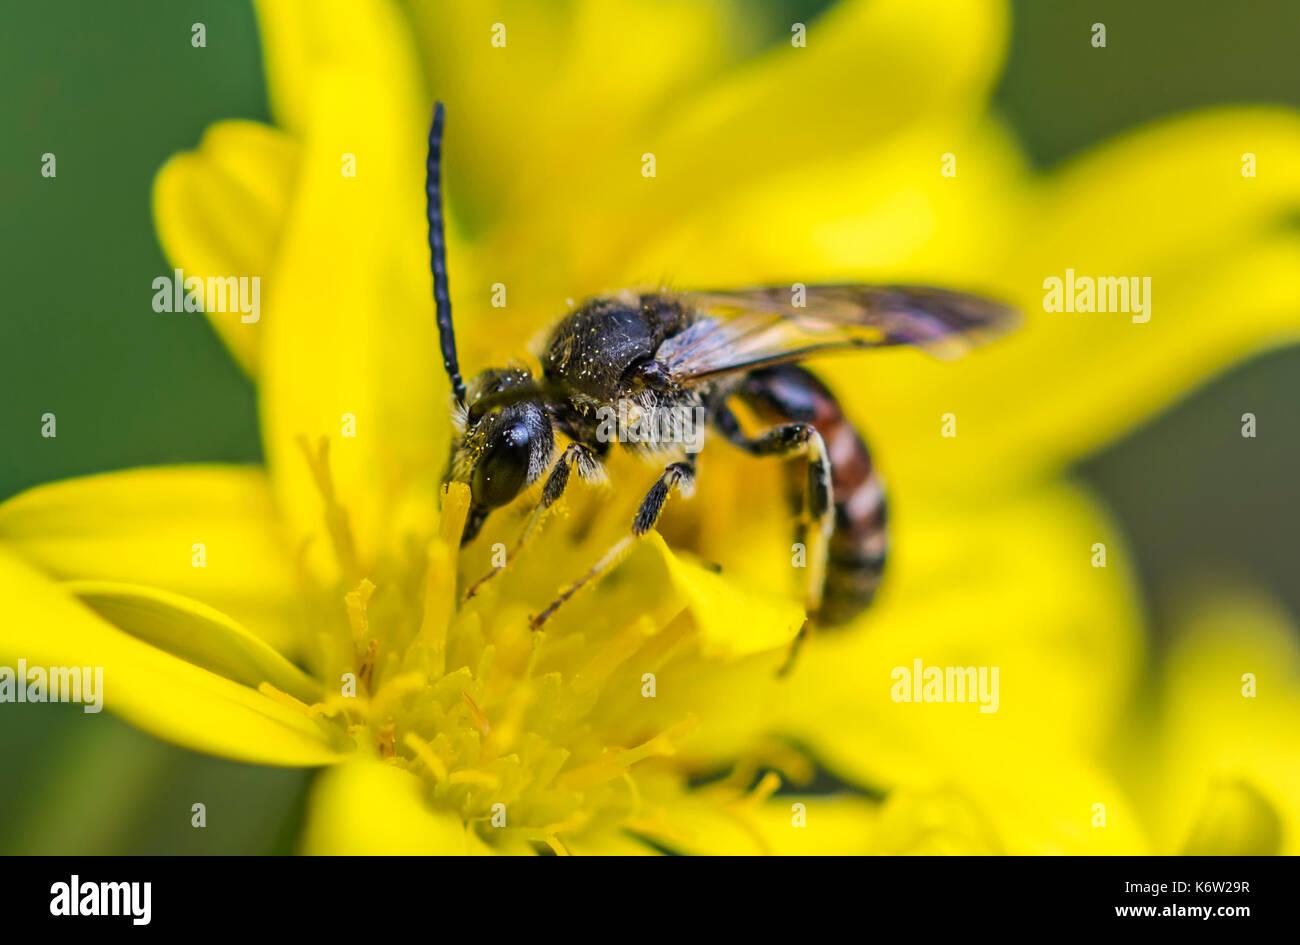 Sweat bee, Lasioglossum calceatum espèces, probablement Lasioglossum (sillon commun2170) au début de l'automne dans le West Sussex, Angleterre, Royaume-Uni. Photo Stock